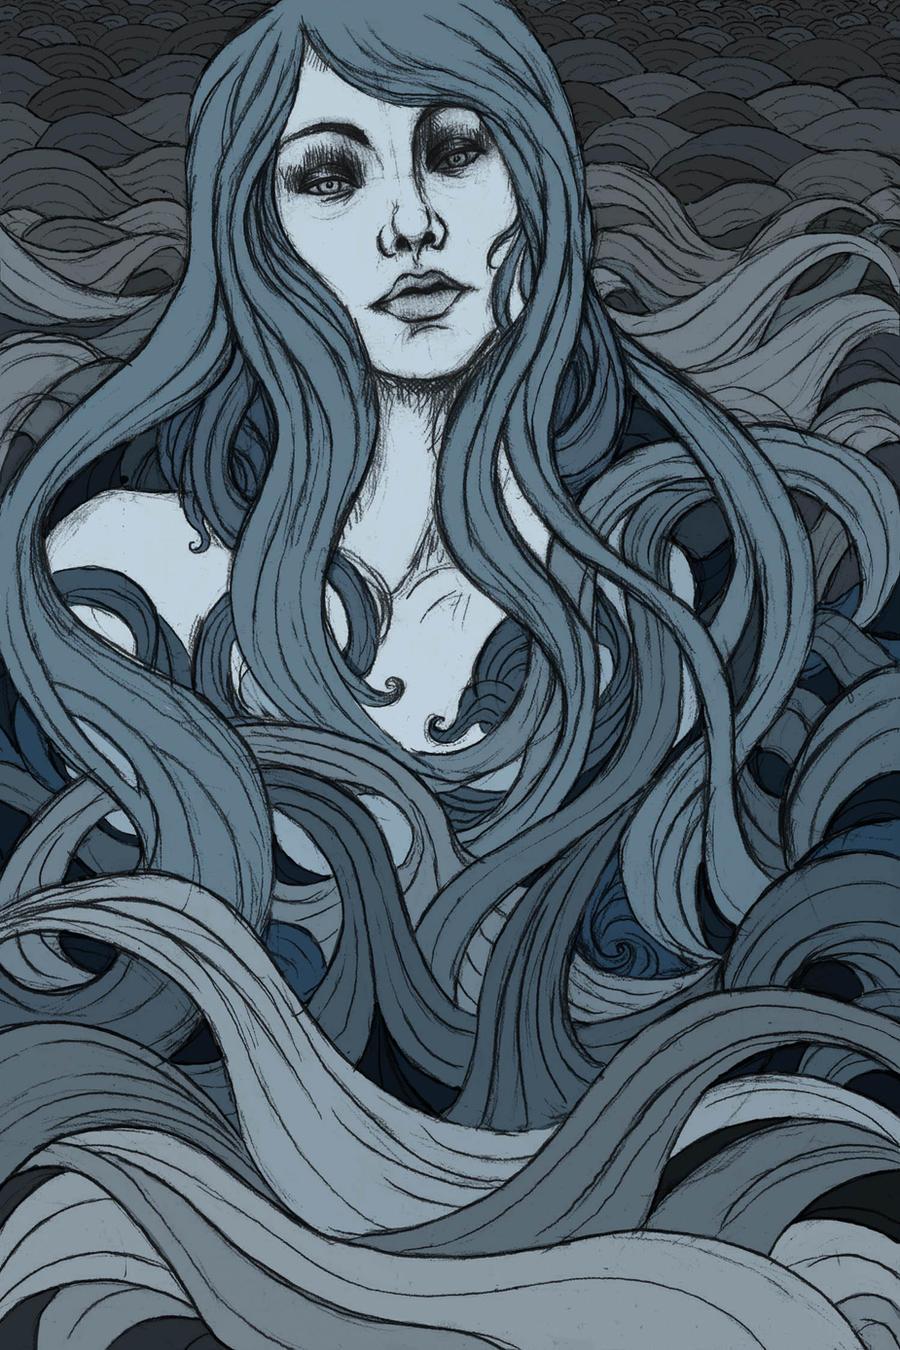 Ocean of Hair by Evanira